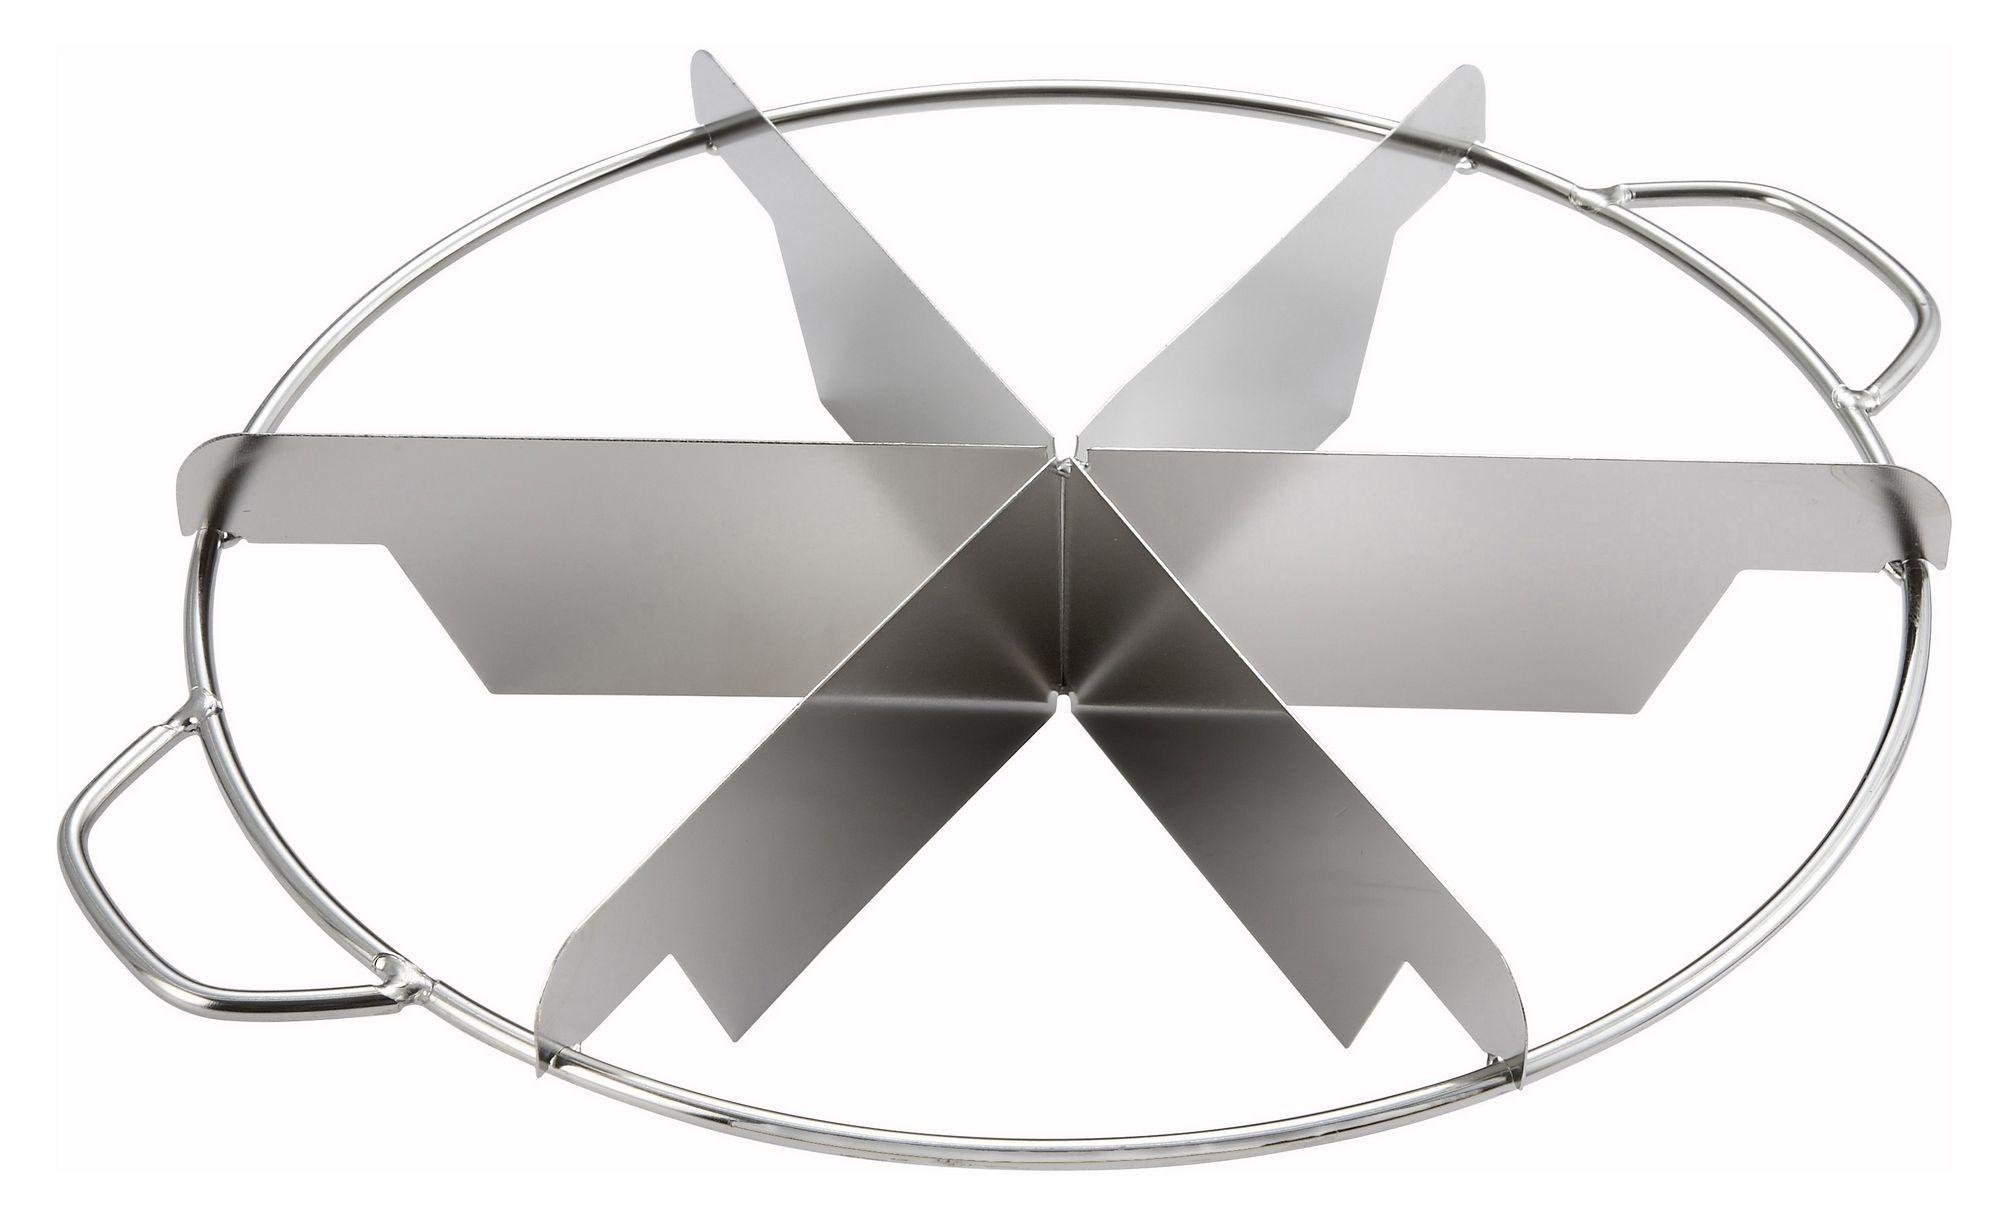 Winco SCU-6 6-Cut Stainless Steel Pie Cutter